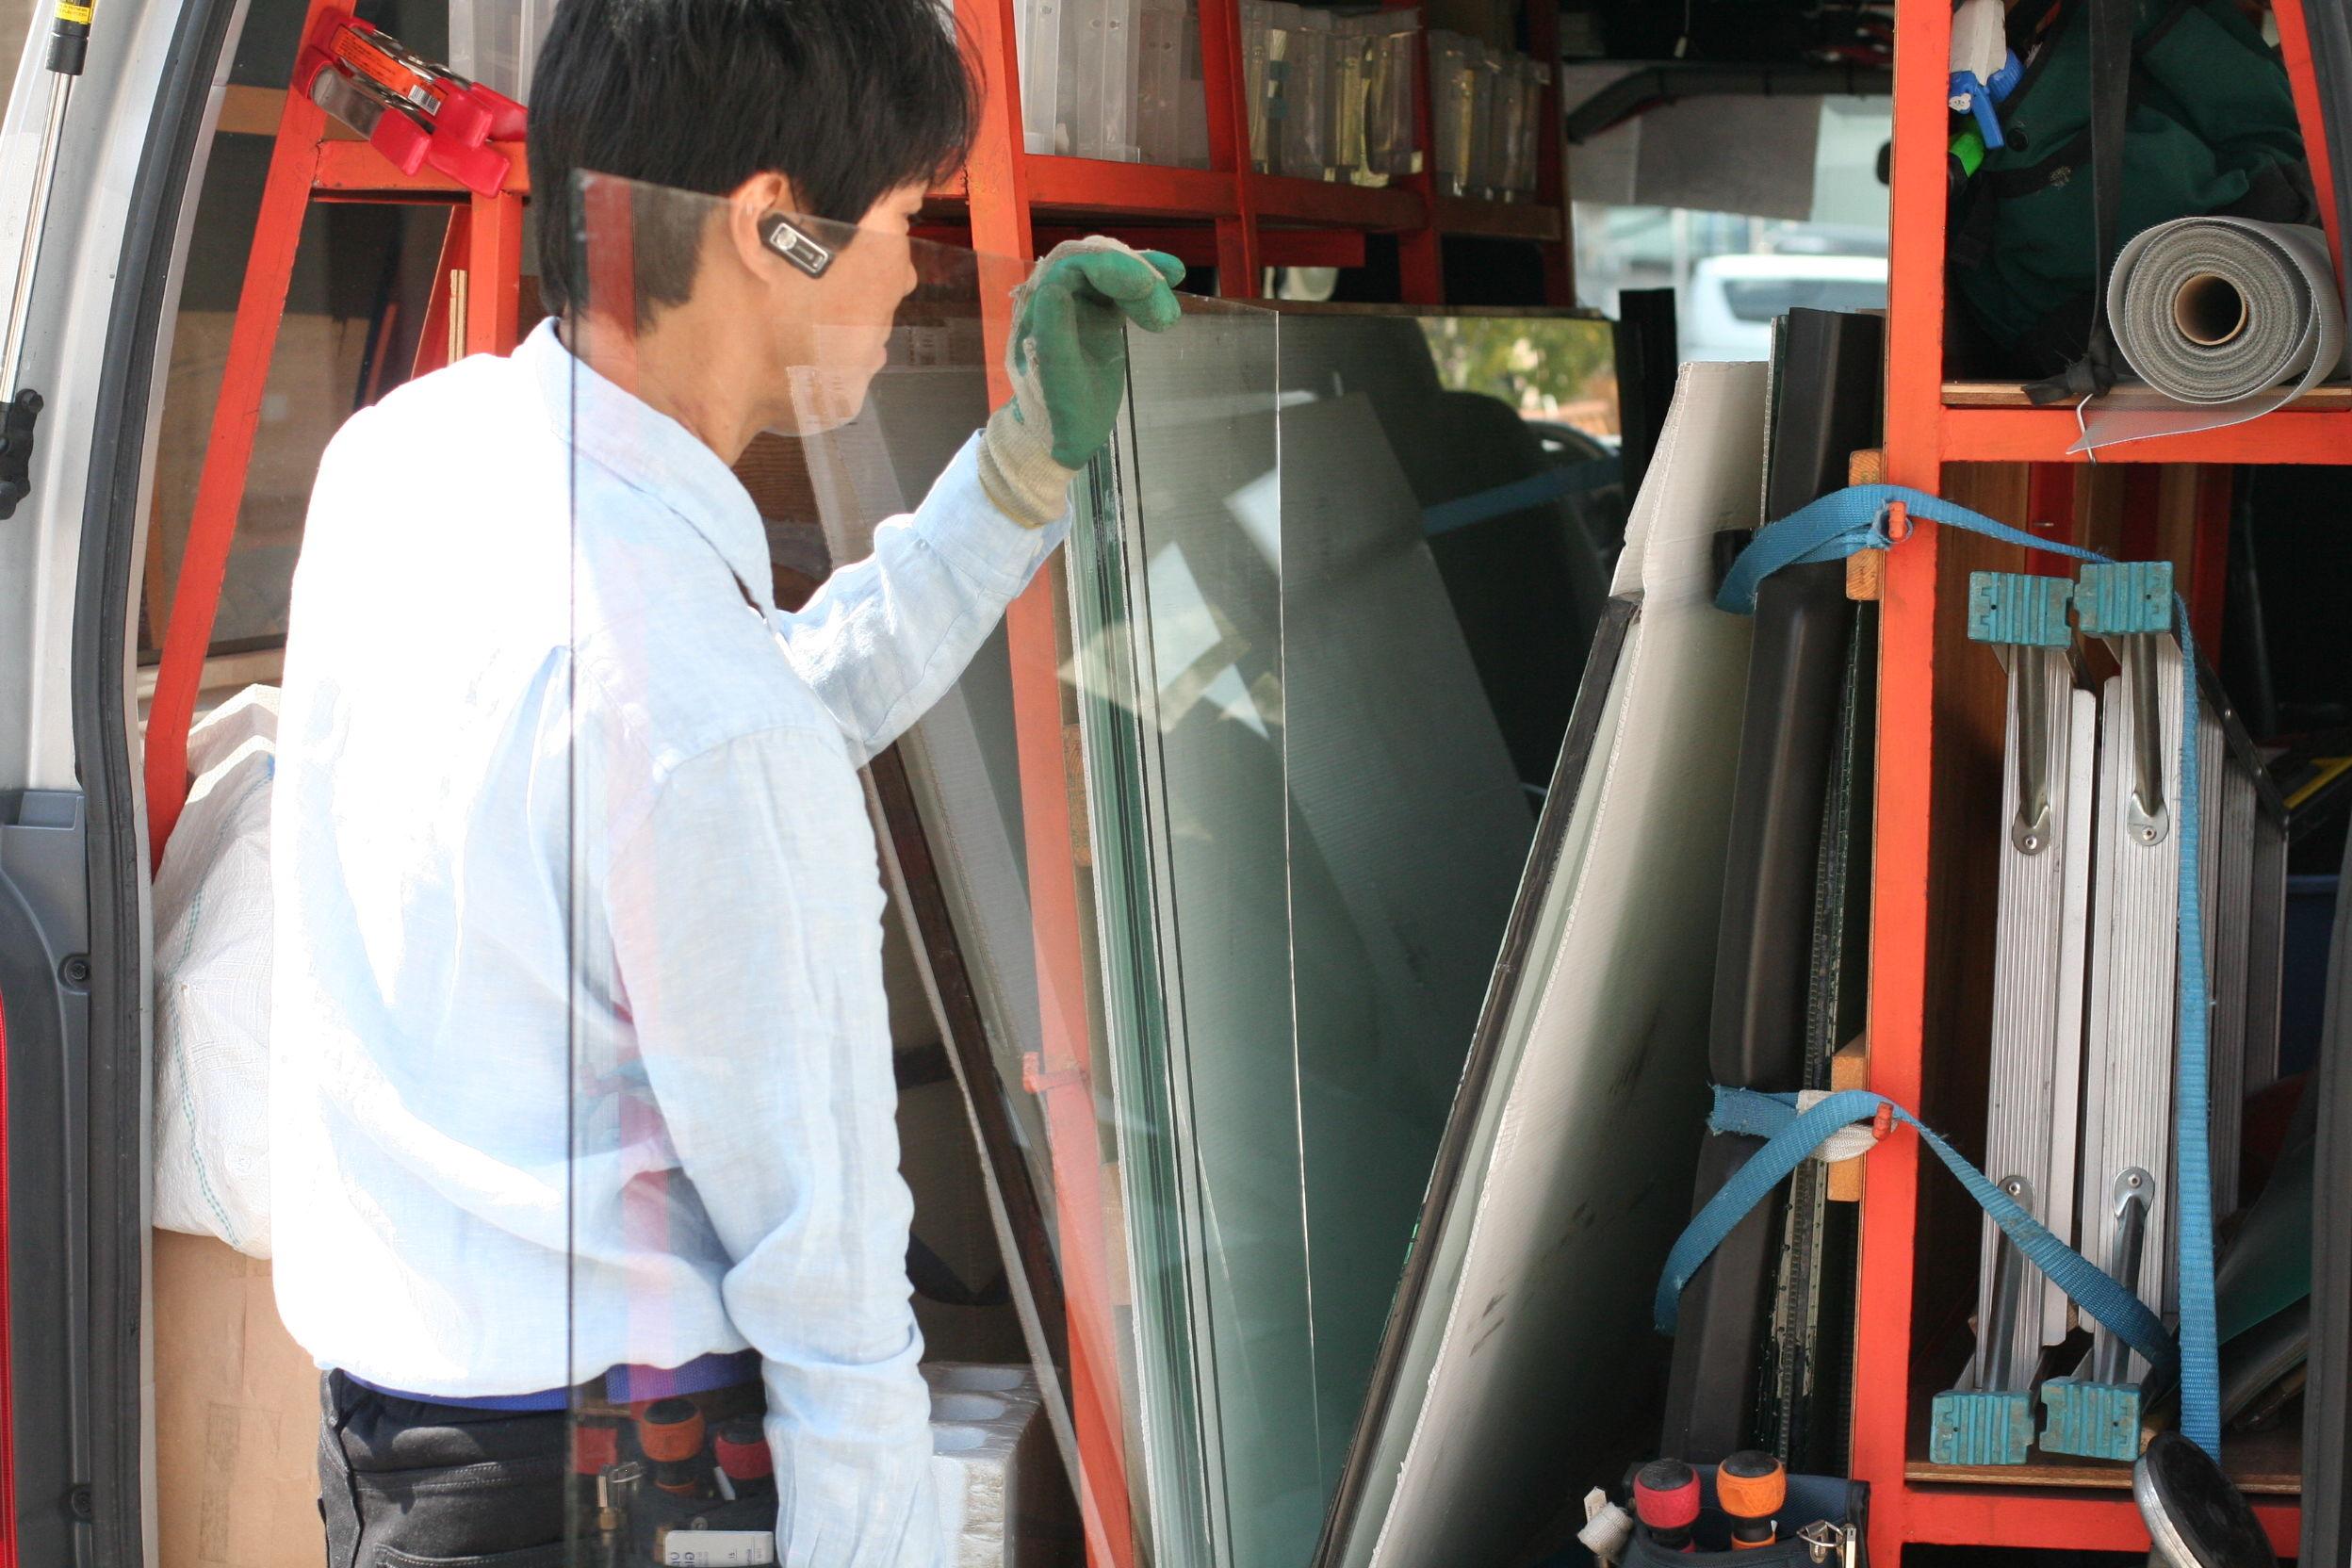 ガラスのトラブル救Q隊.24【深谷市 出張エリア】の店内・外観画像2